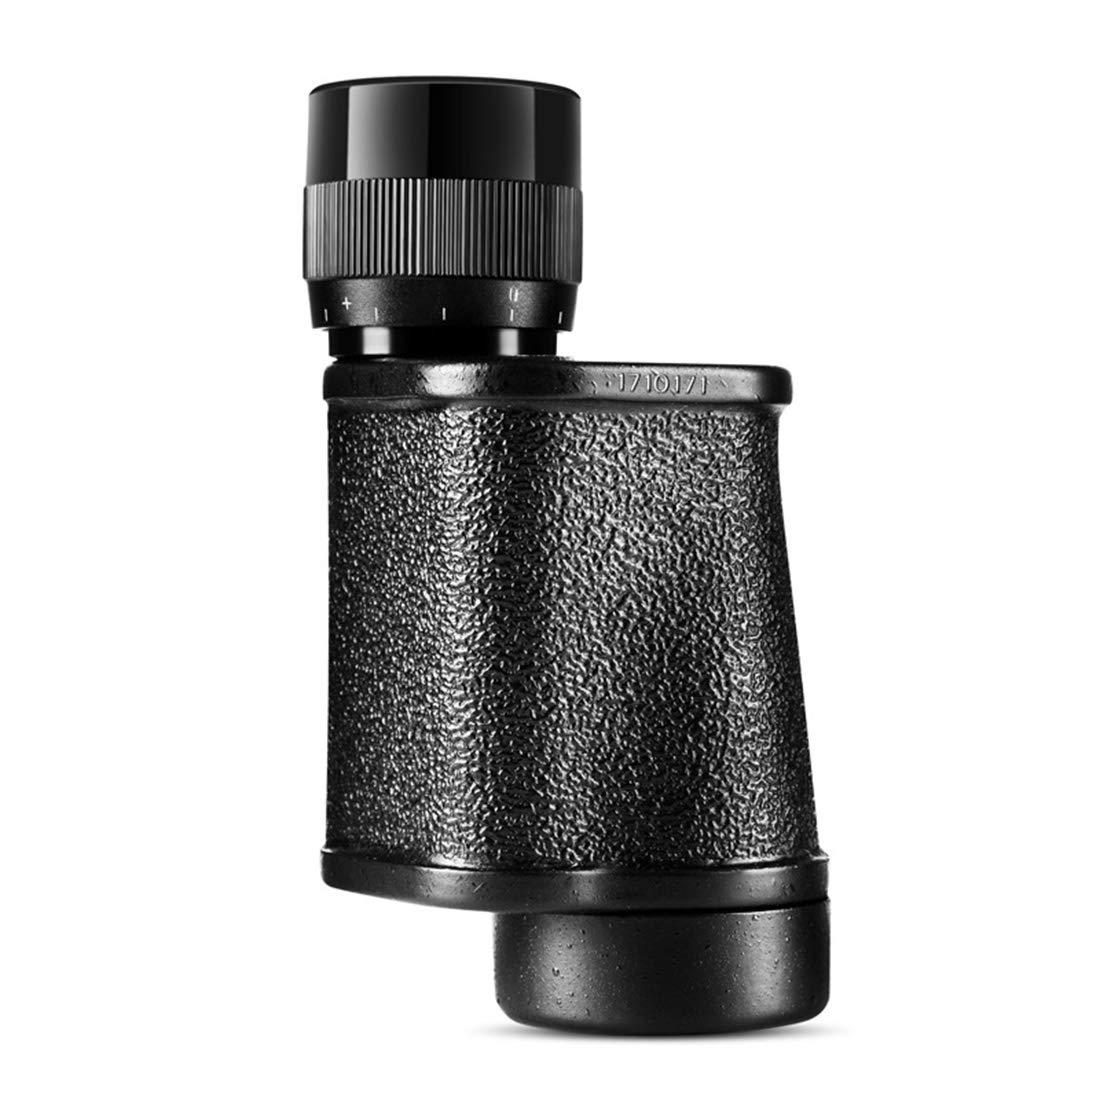 LINDANIG Télescope monoculaire de grossissement élevé de Vision Nocturne à Faible Niveau de lumière pour Une Utilisation en extérieur